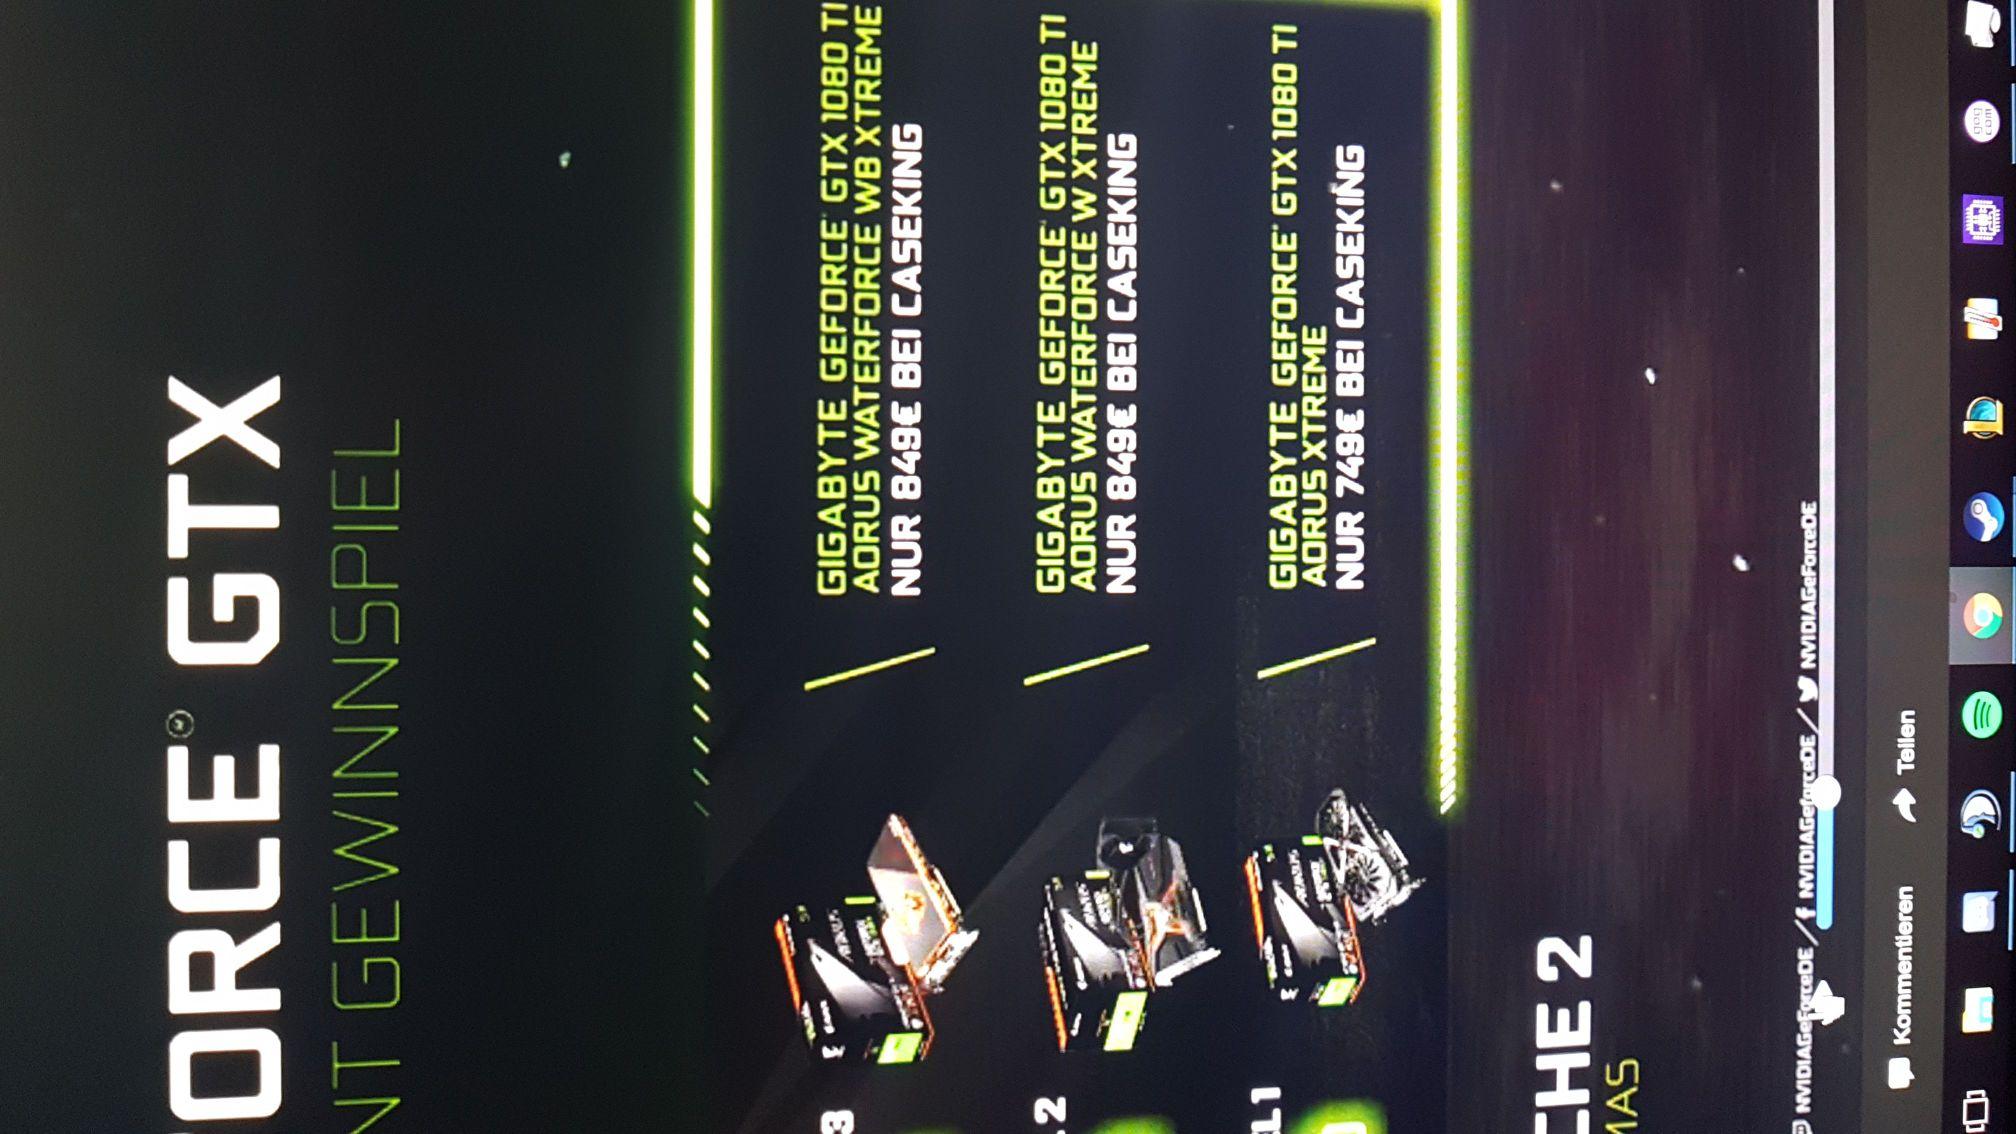 [Vorankündigung] GTX 1080ti Aorus Extreme für 749€ (wahrsch auch Waterforce/King Mod für 849€)